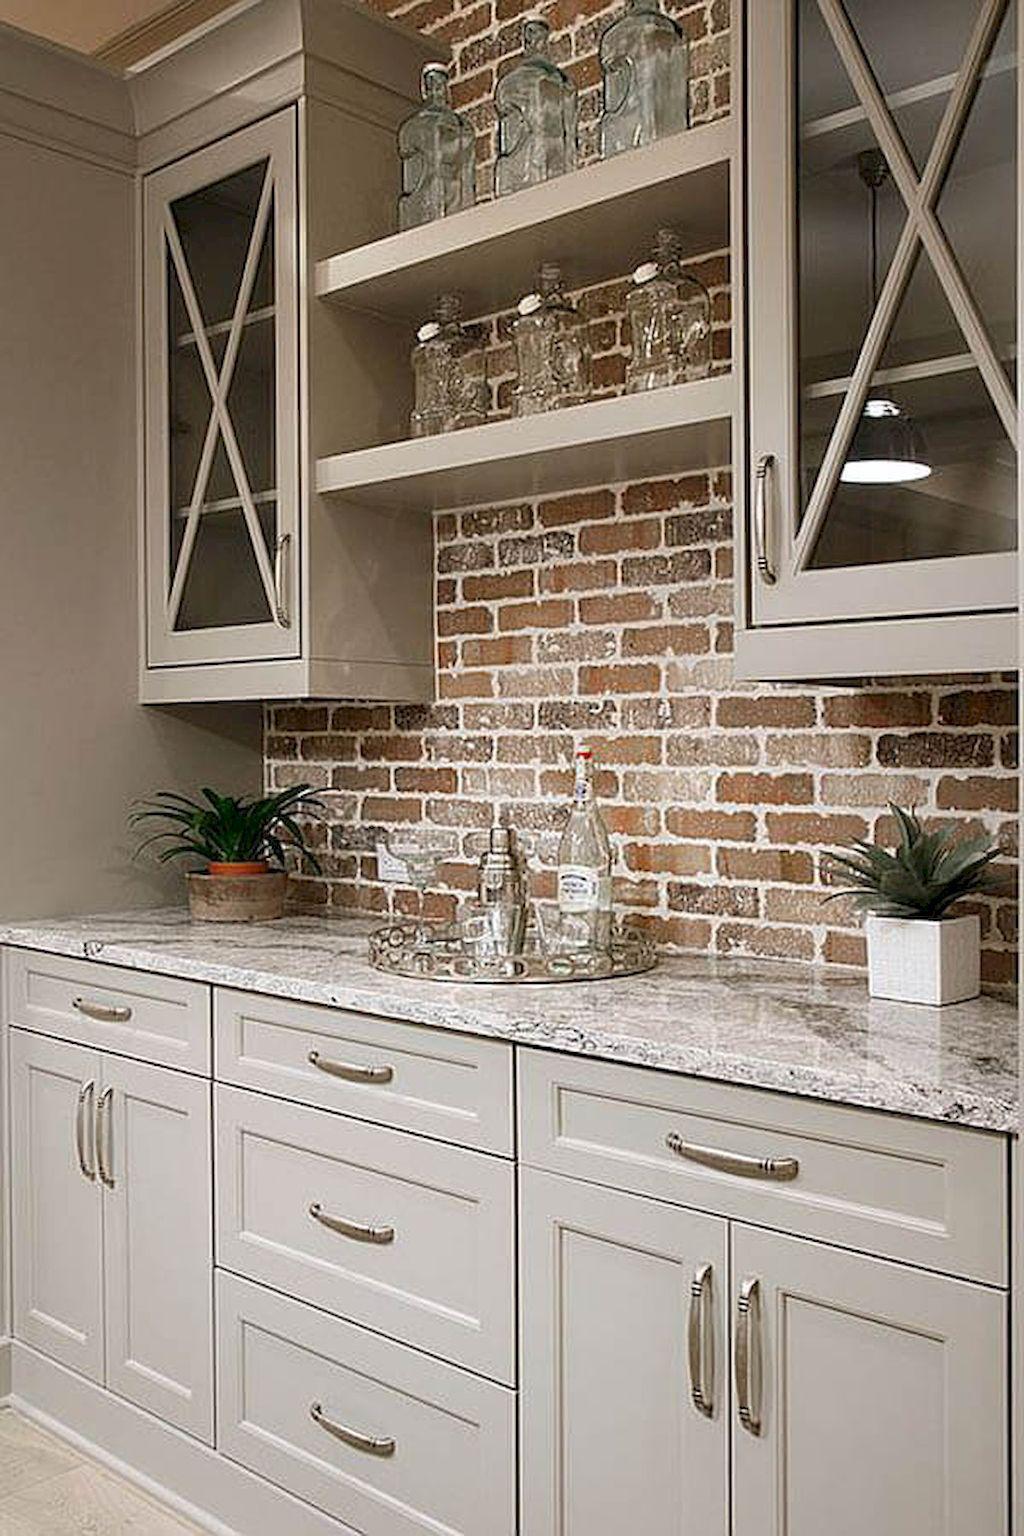 Küchenschränke weiß  rustic kitchen cabinets farmhouse style ideas  house  pinterest